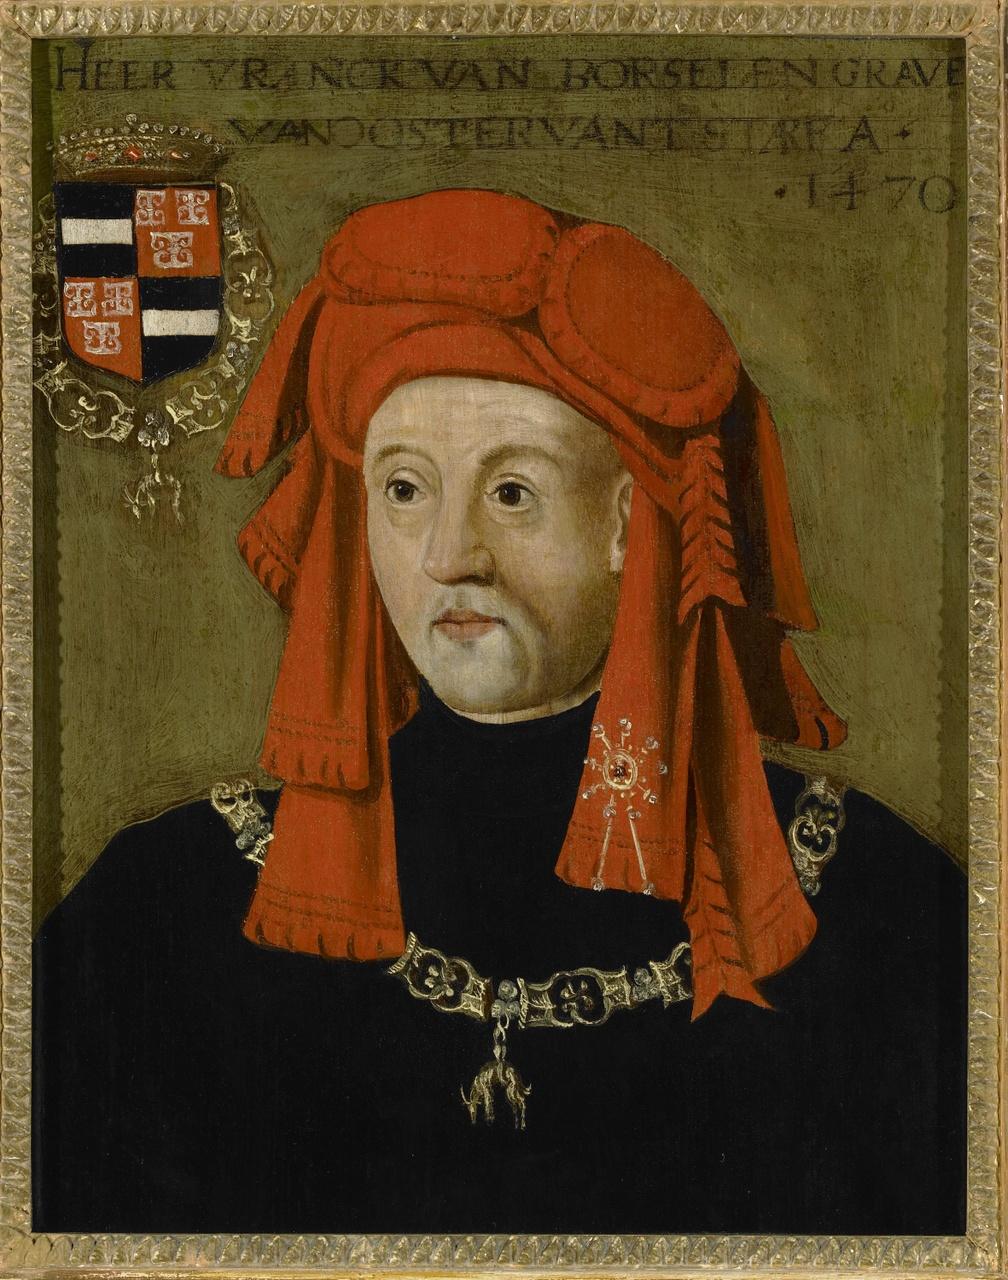 Portret van Frank van Borselen (ca. 1395-1470), 4e gemaal van Jacoba van Beyeren, Anoniem